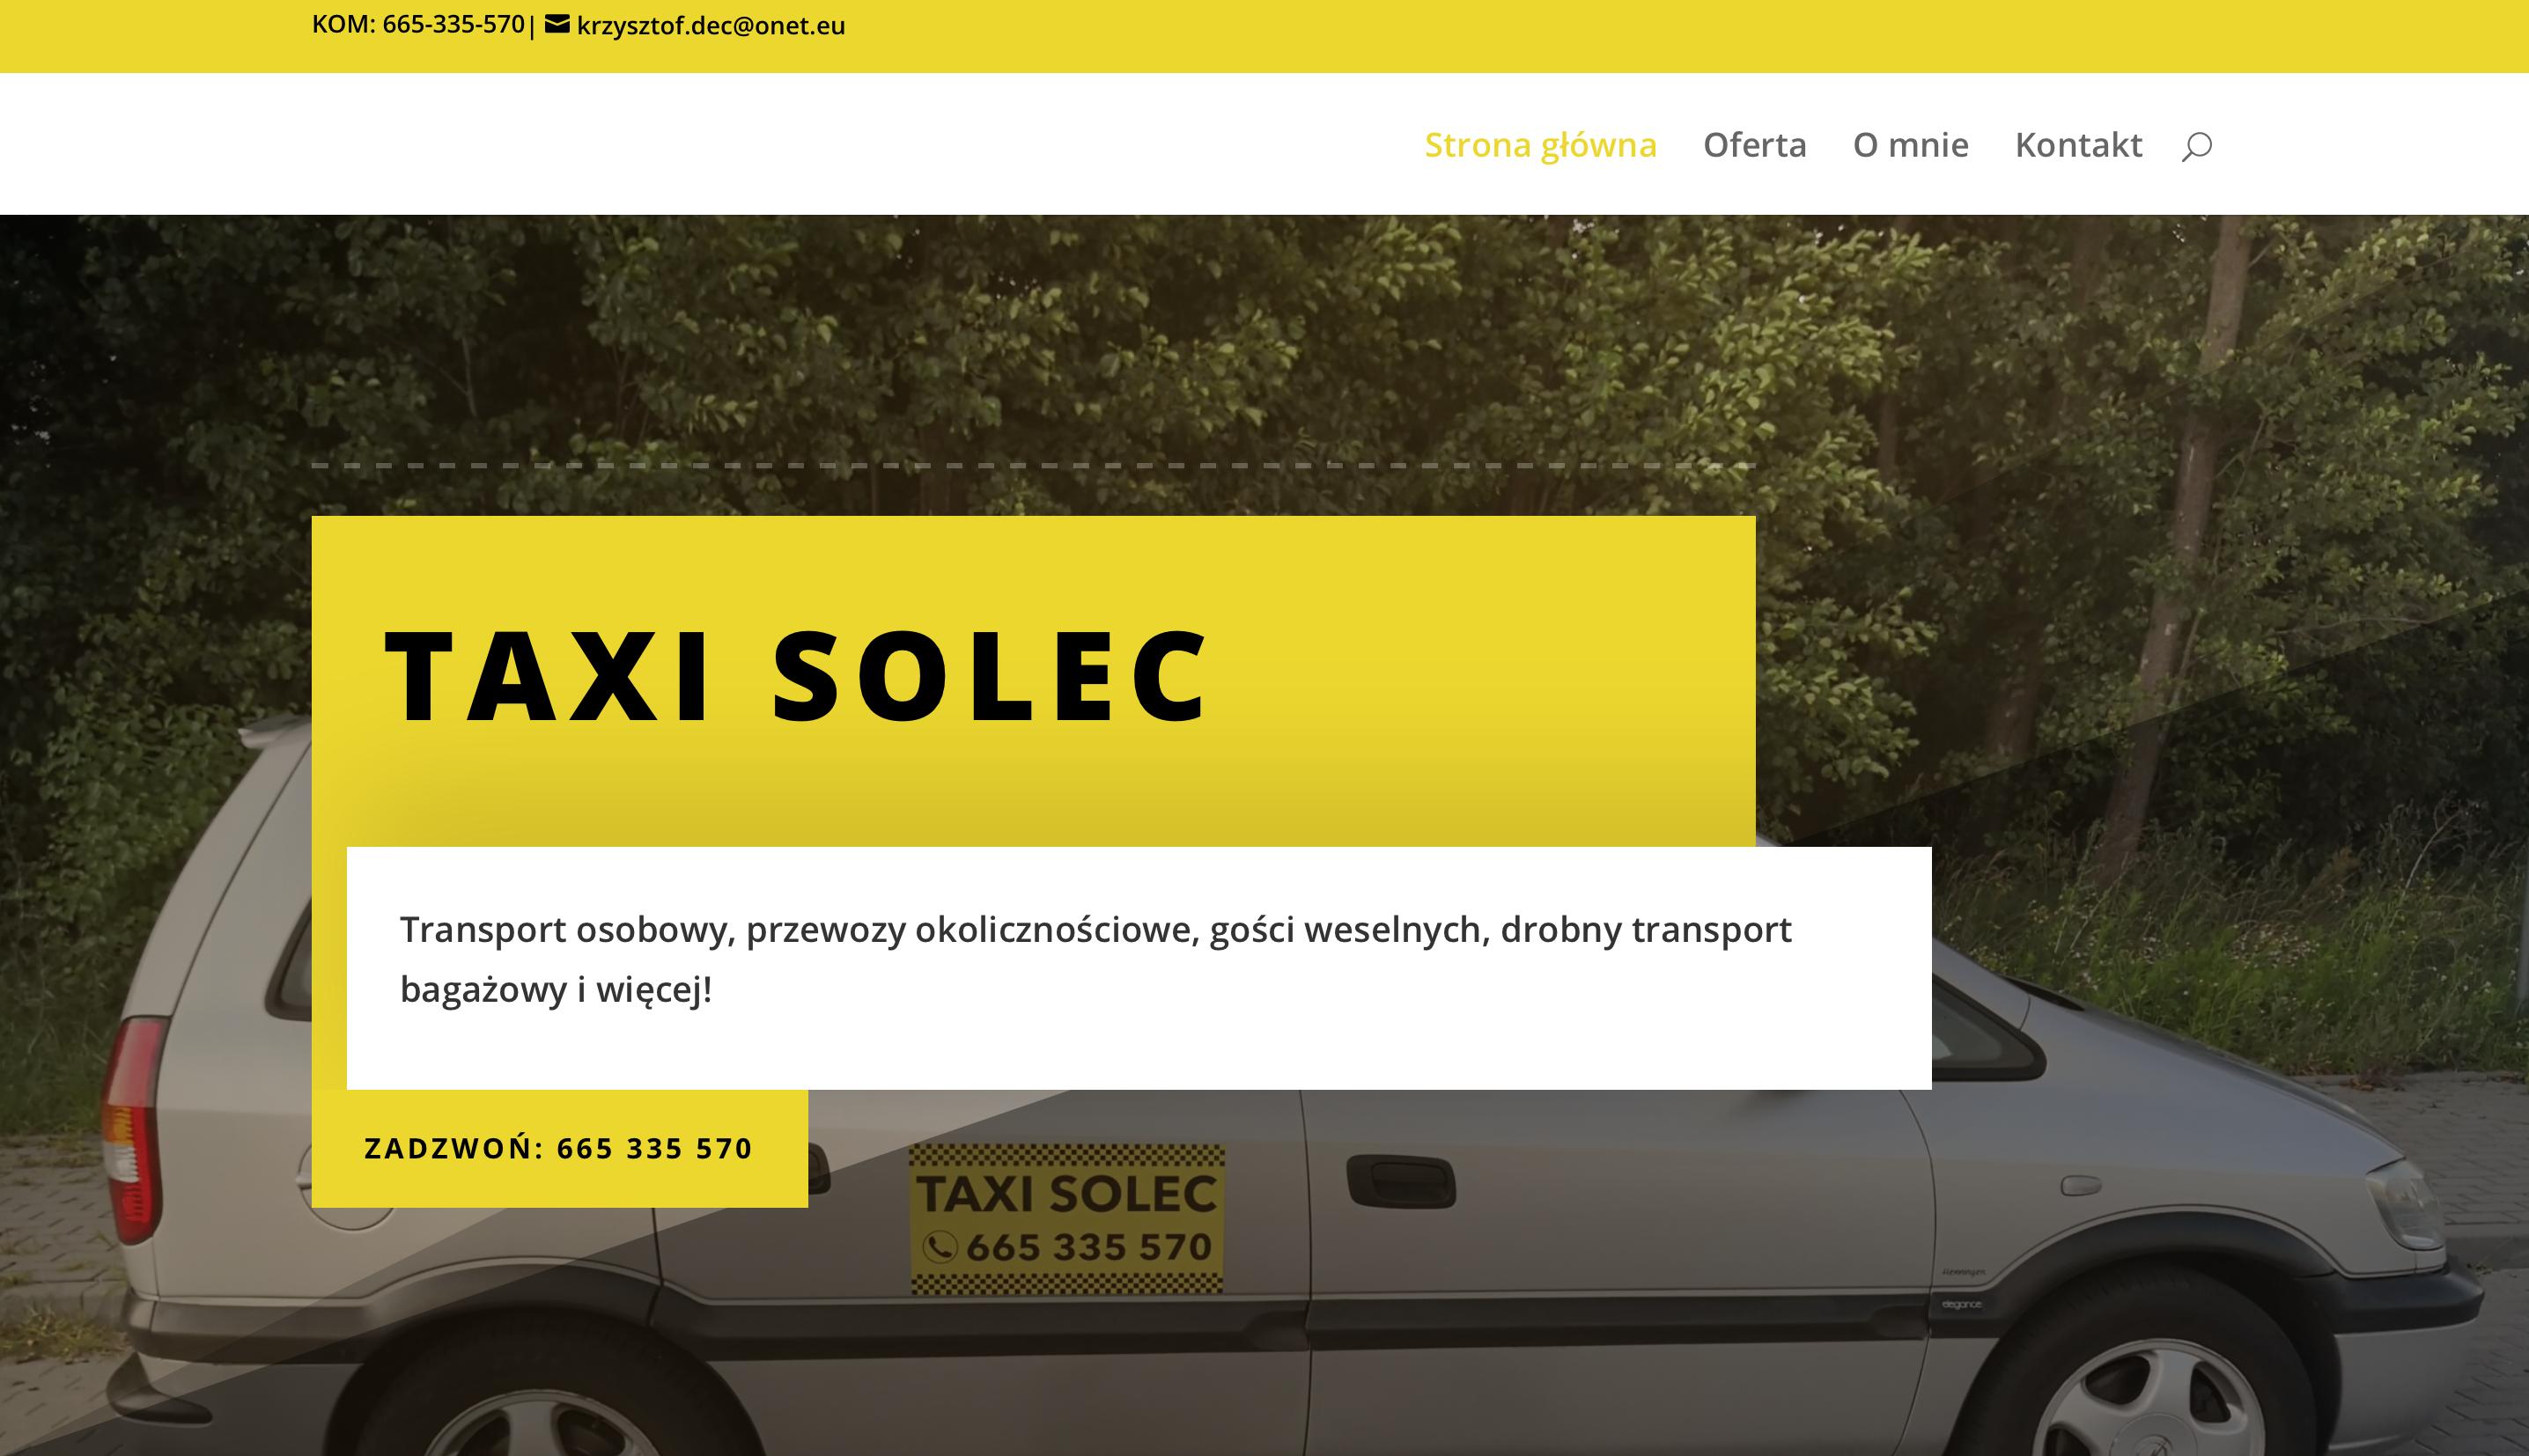 Taxi Solec